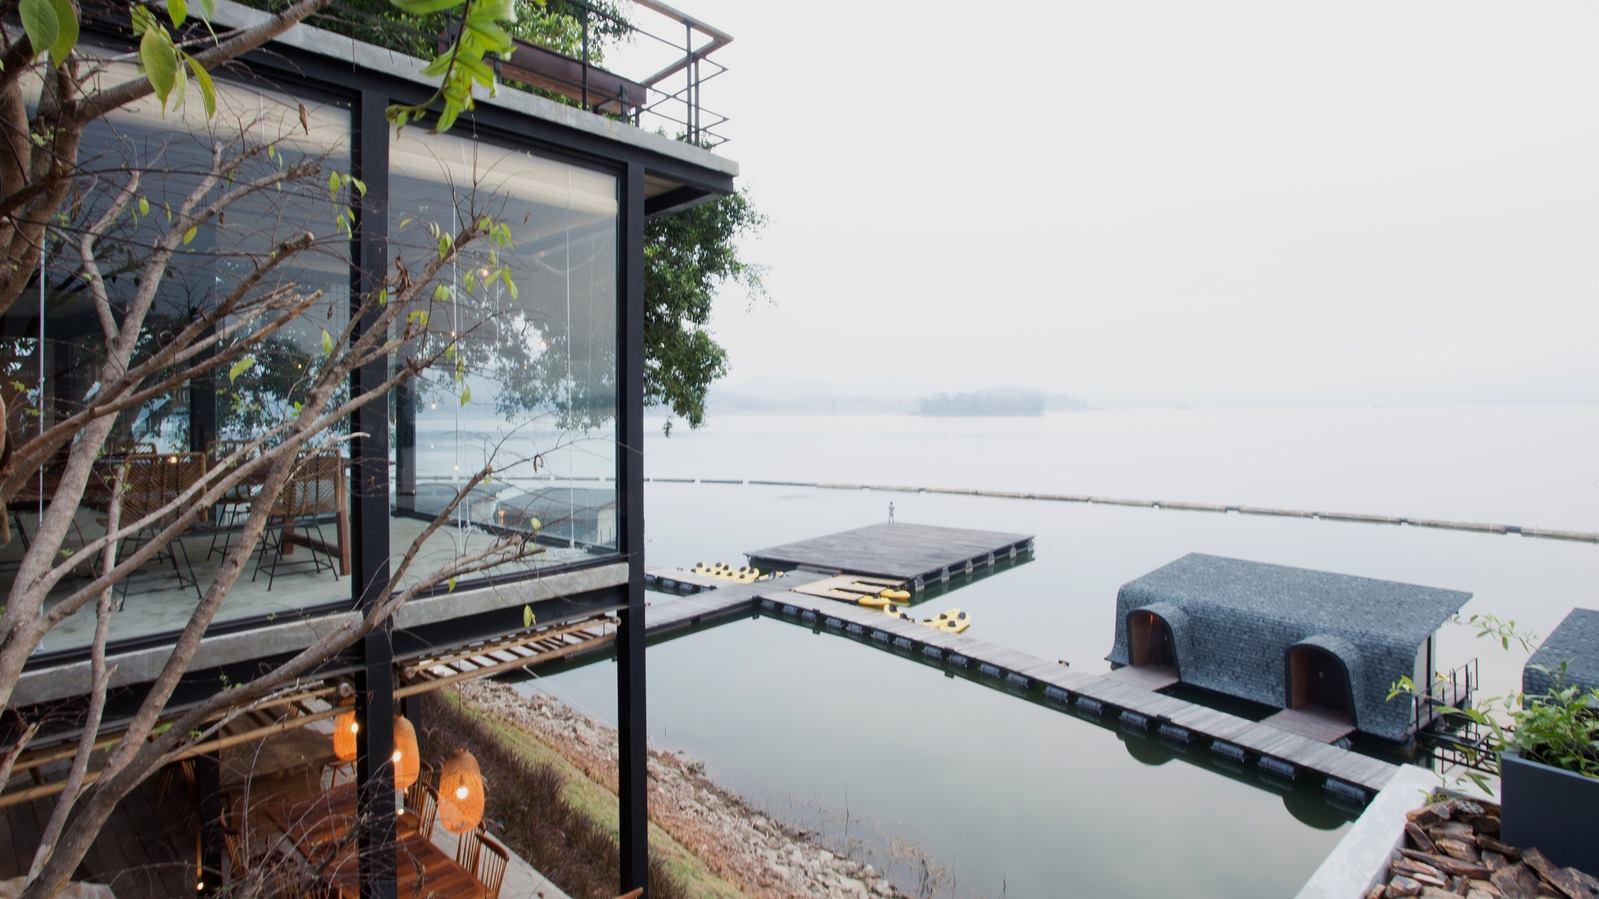 Z9 De ultieme getaway in Thailand 05 1